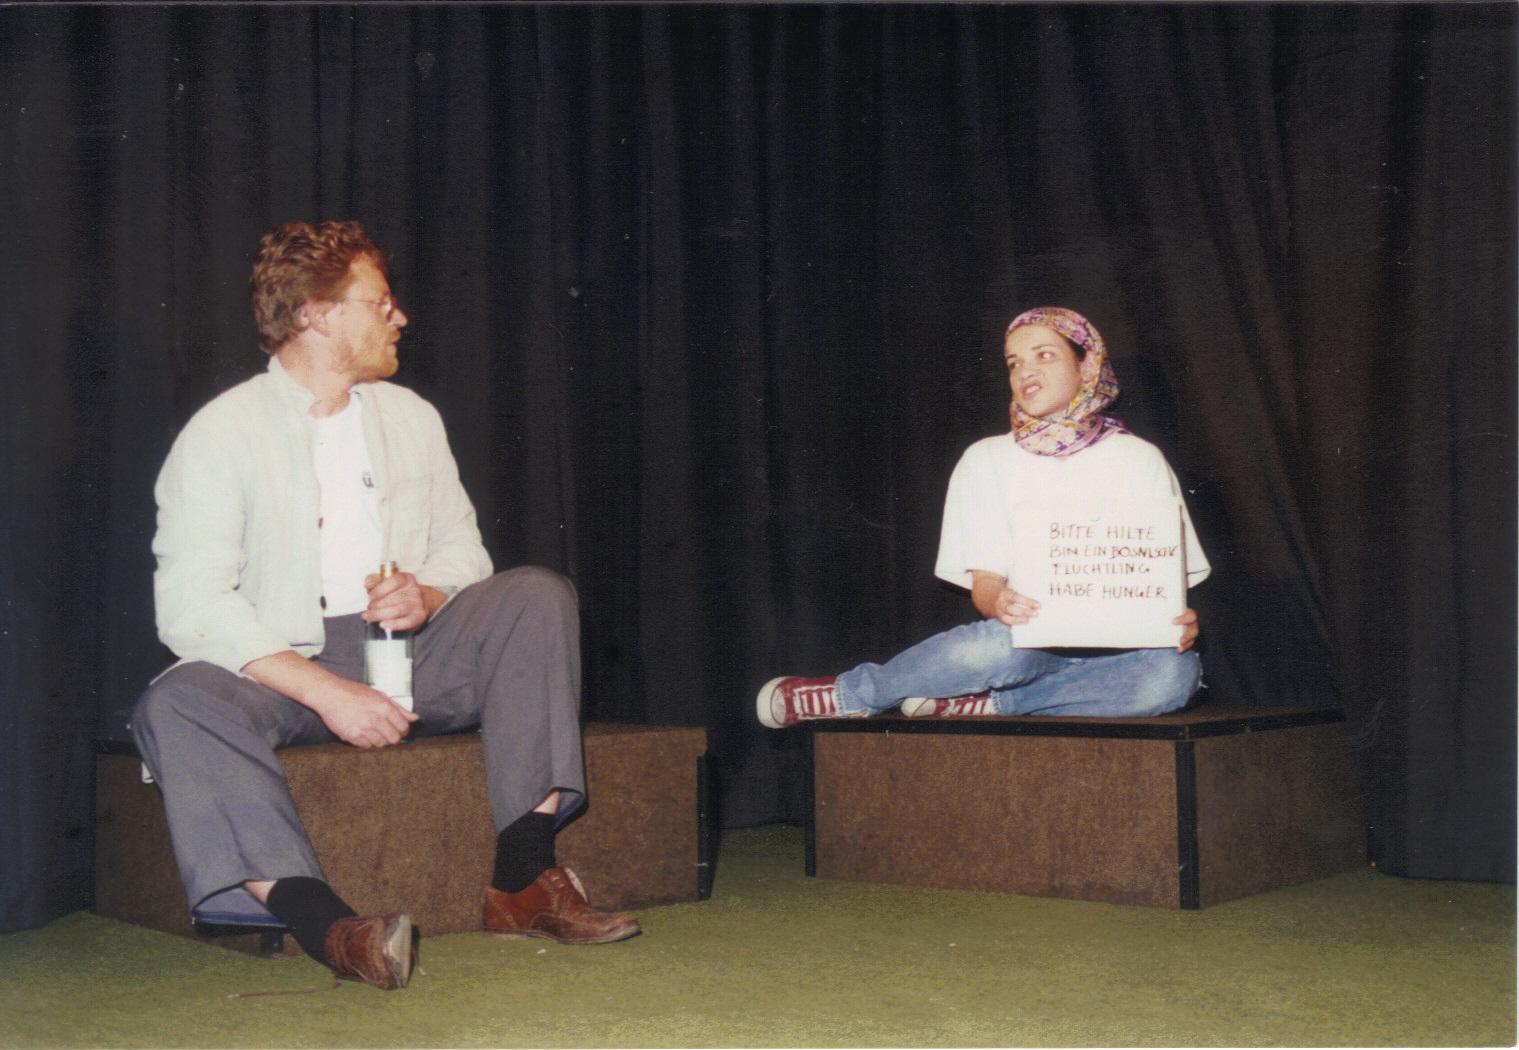 1996 Hei nun